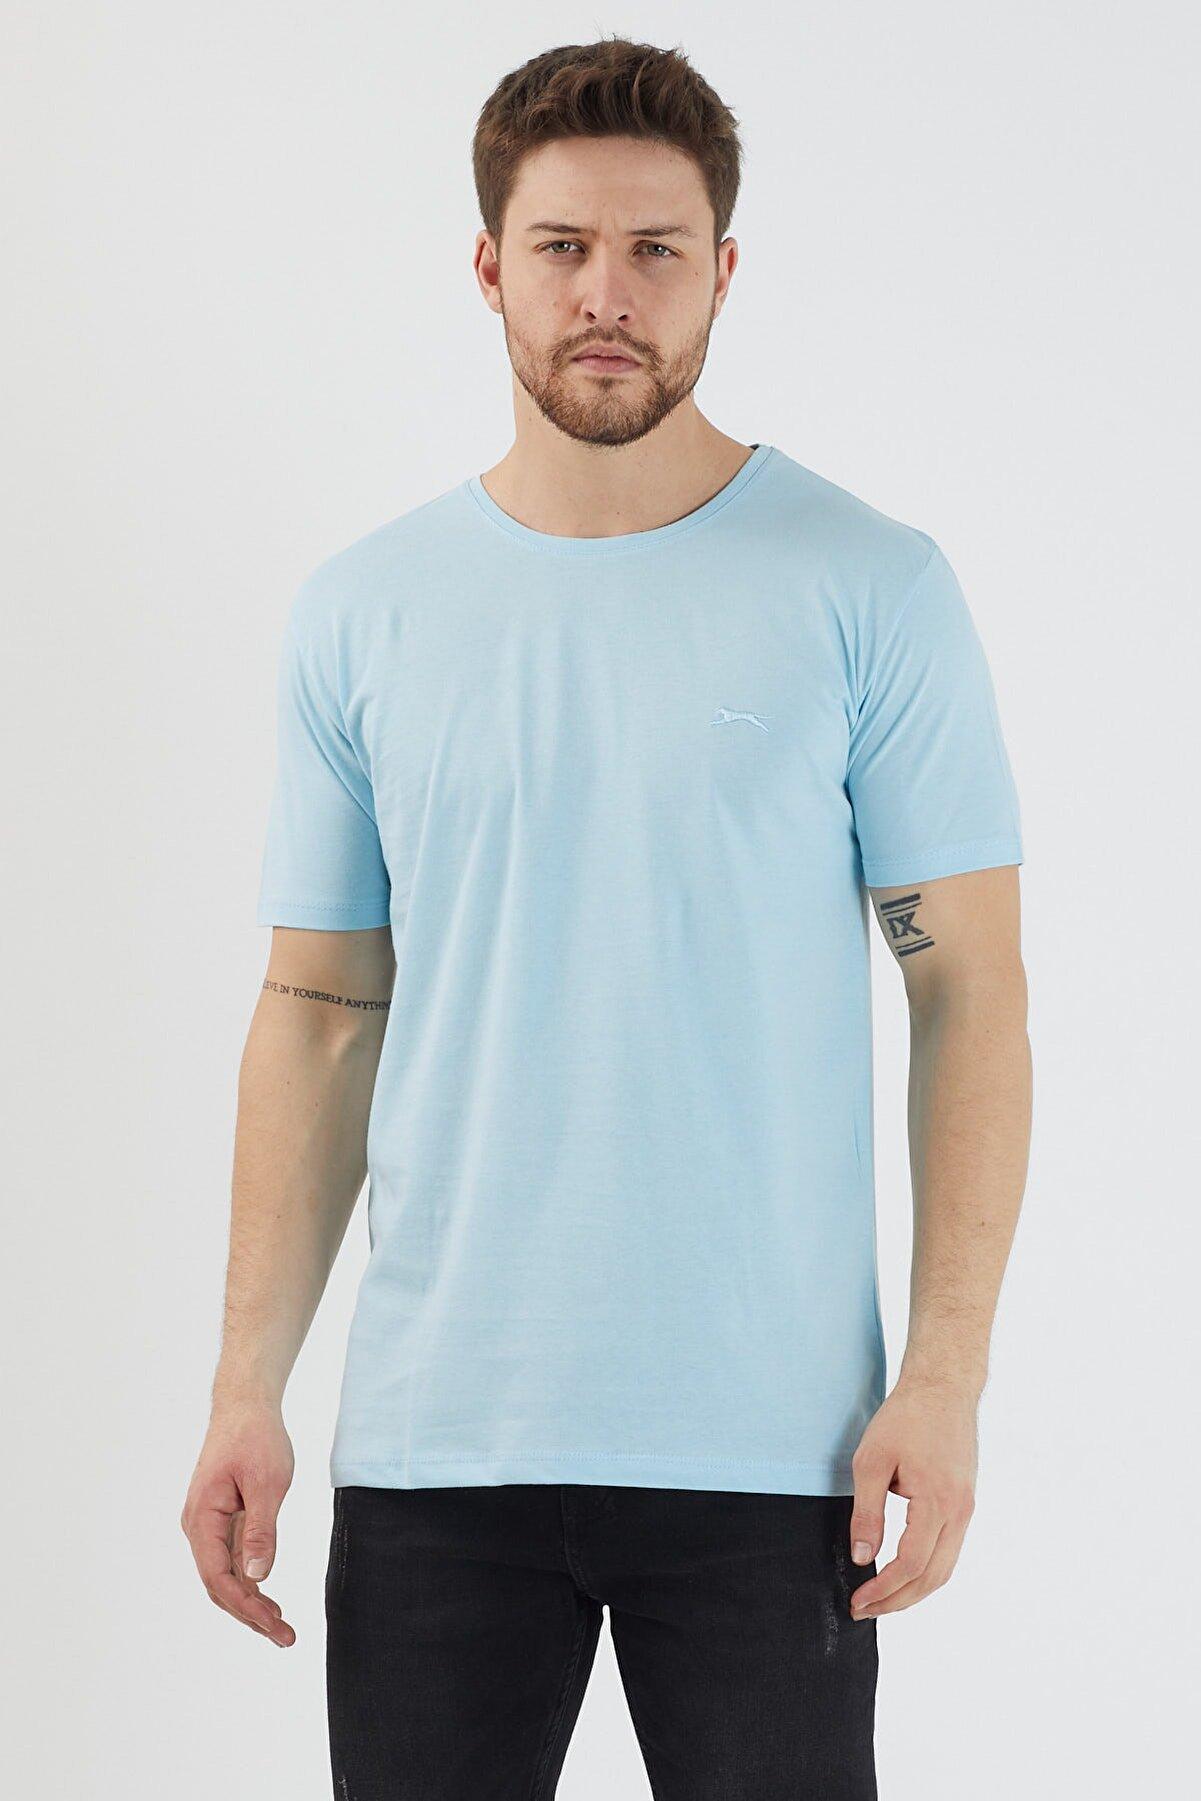 Slazenger Sander Erkek T-shirt A.mavi St11te083